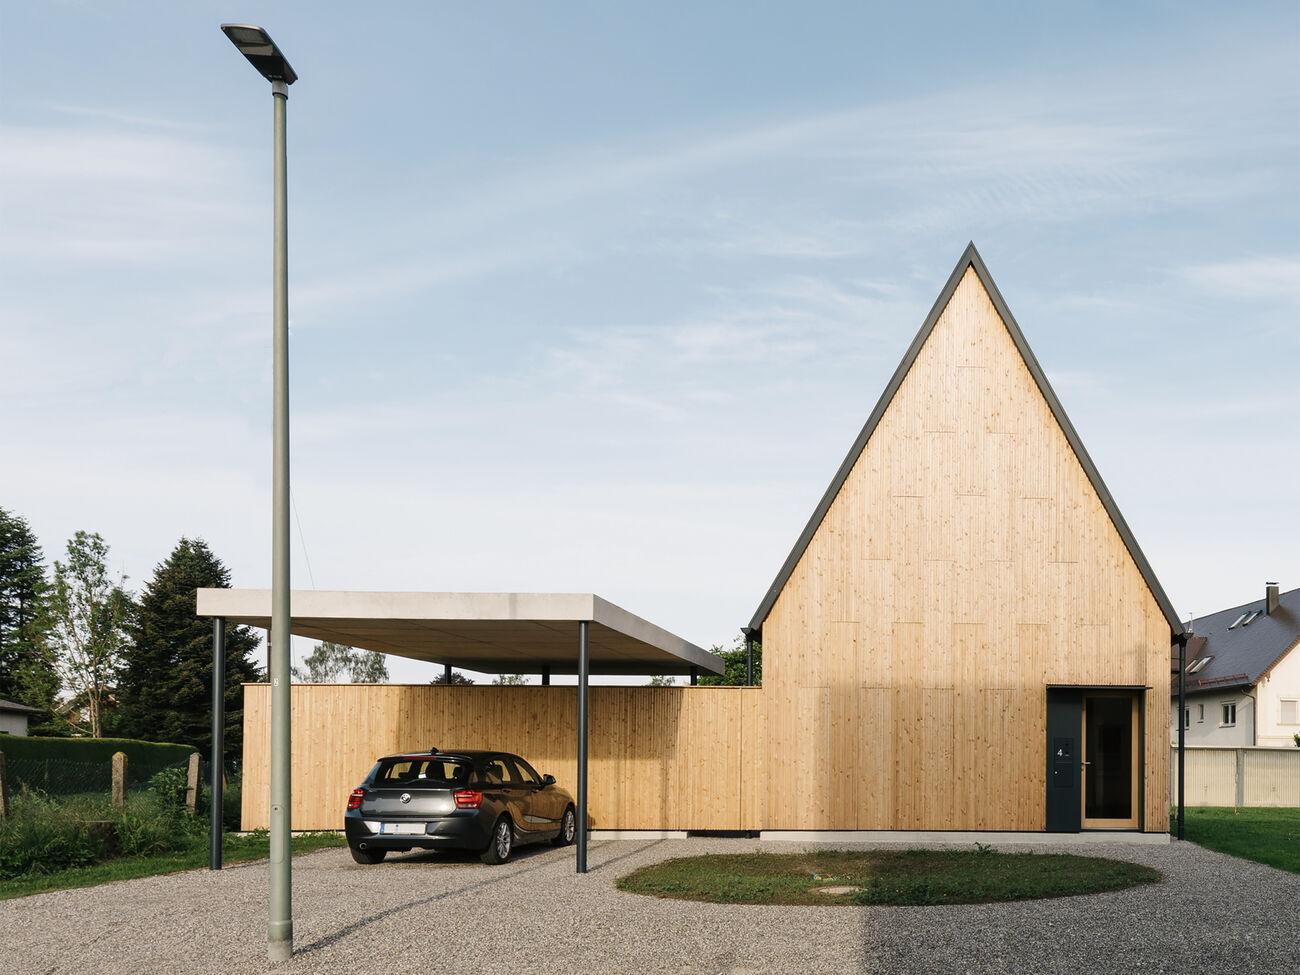 Haus an der Bahnhofsrestauration, Memmingen, Deutschland